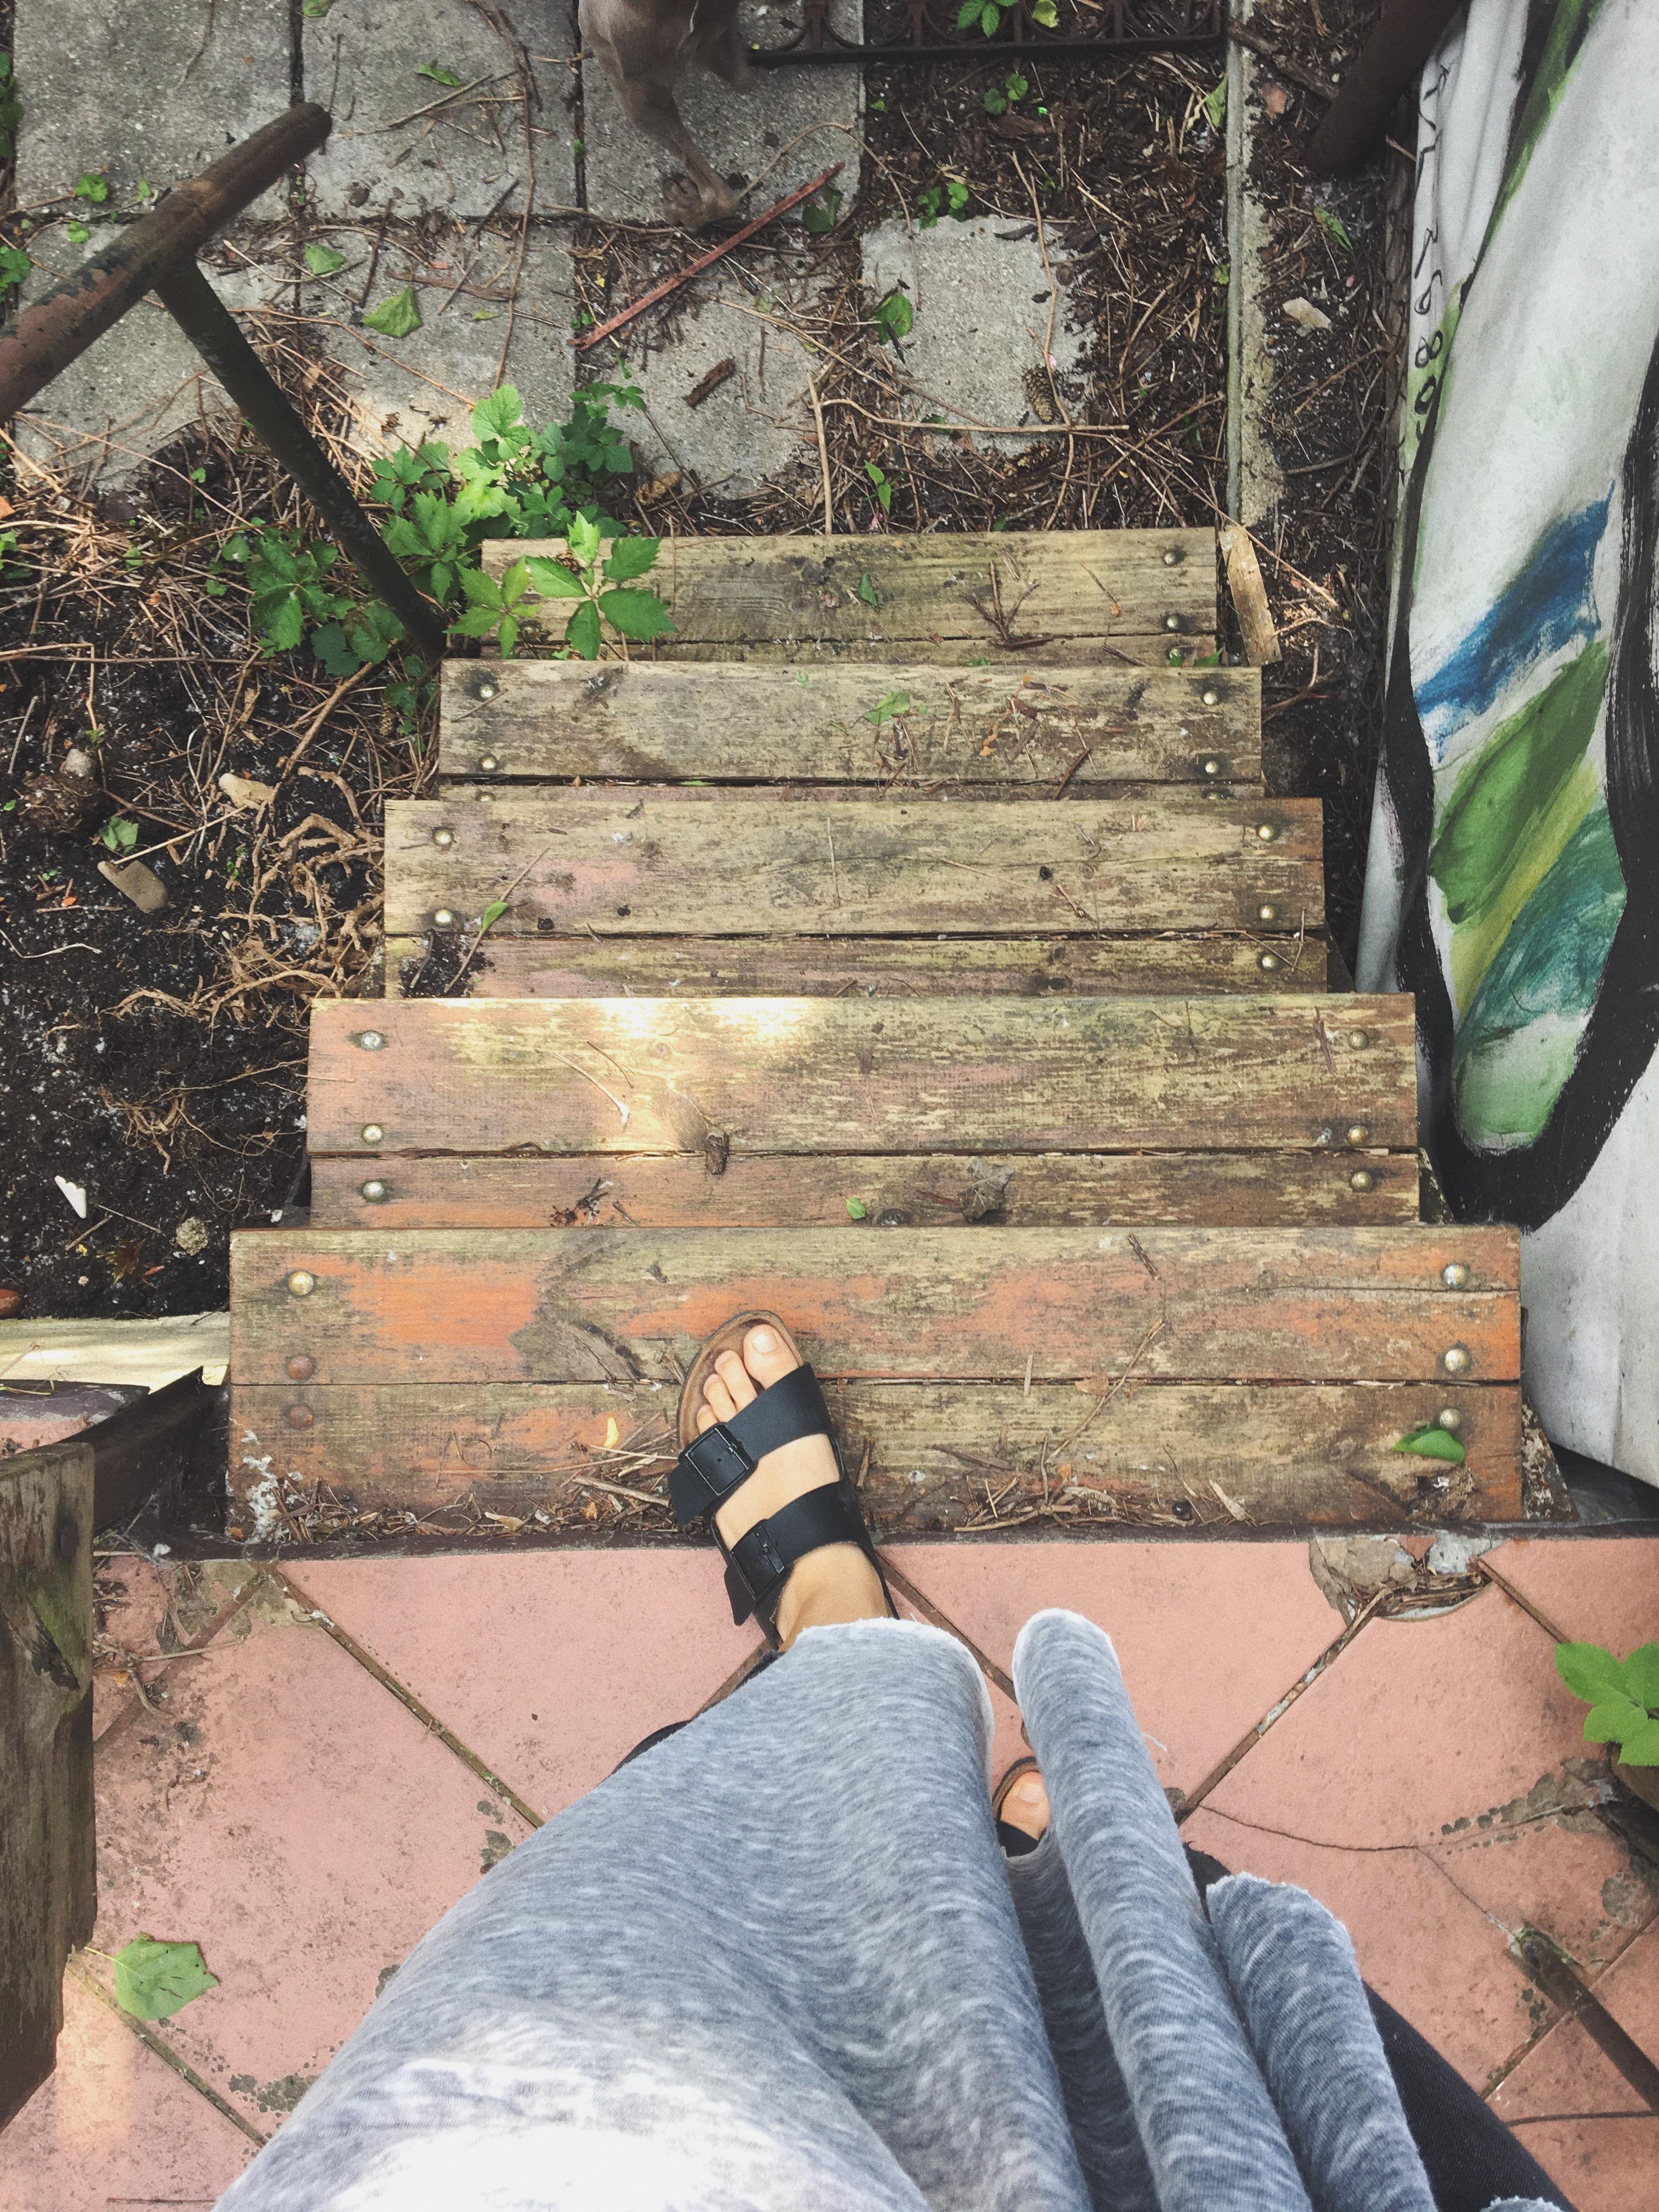 Schody na ogród.